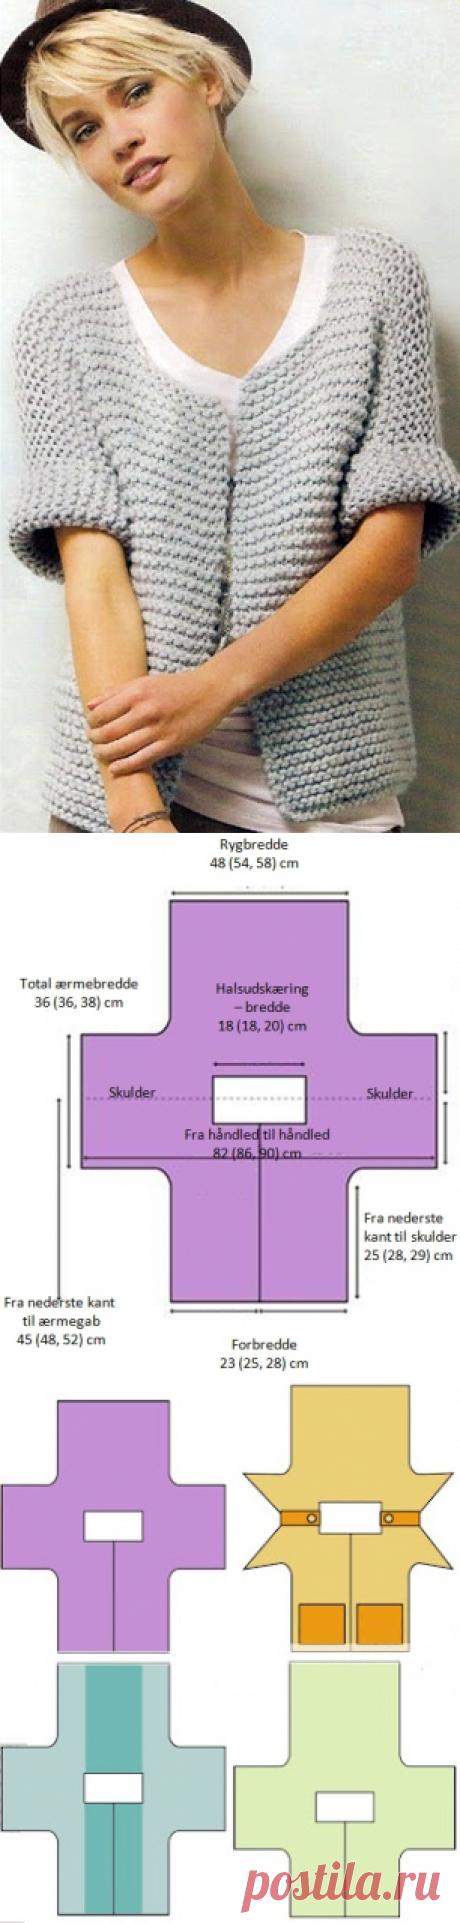 Джемпера с крыла рукава | Strikkeglad.dk